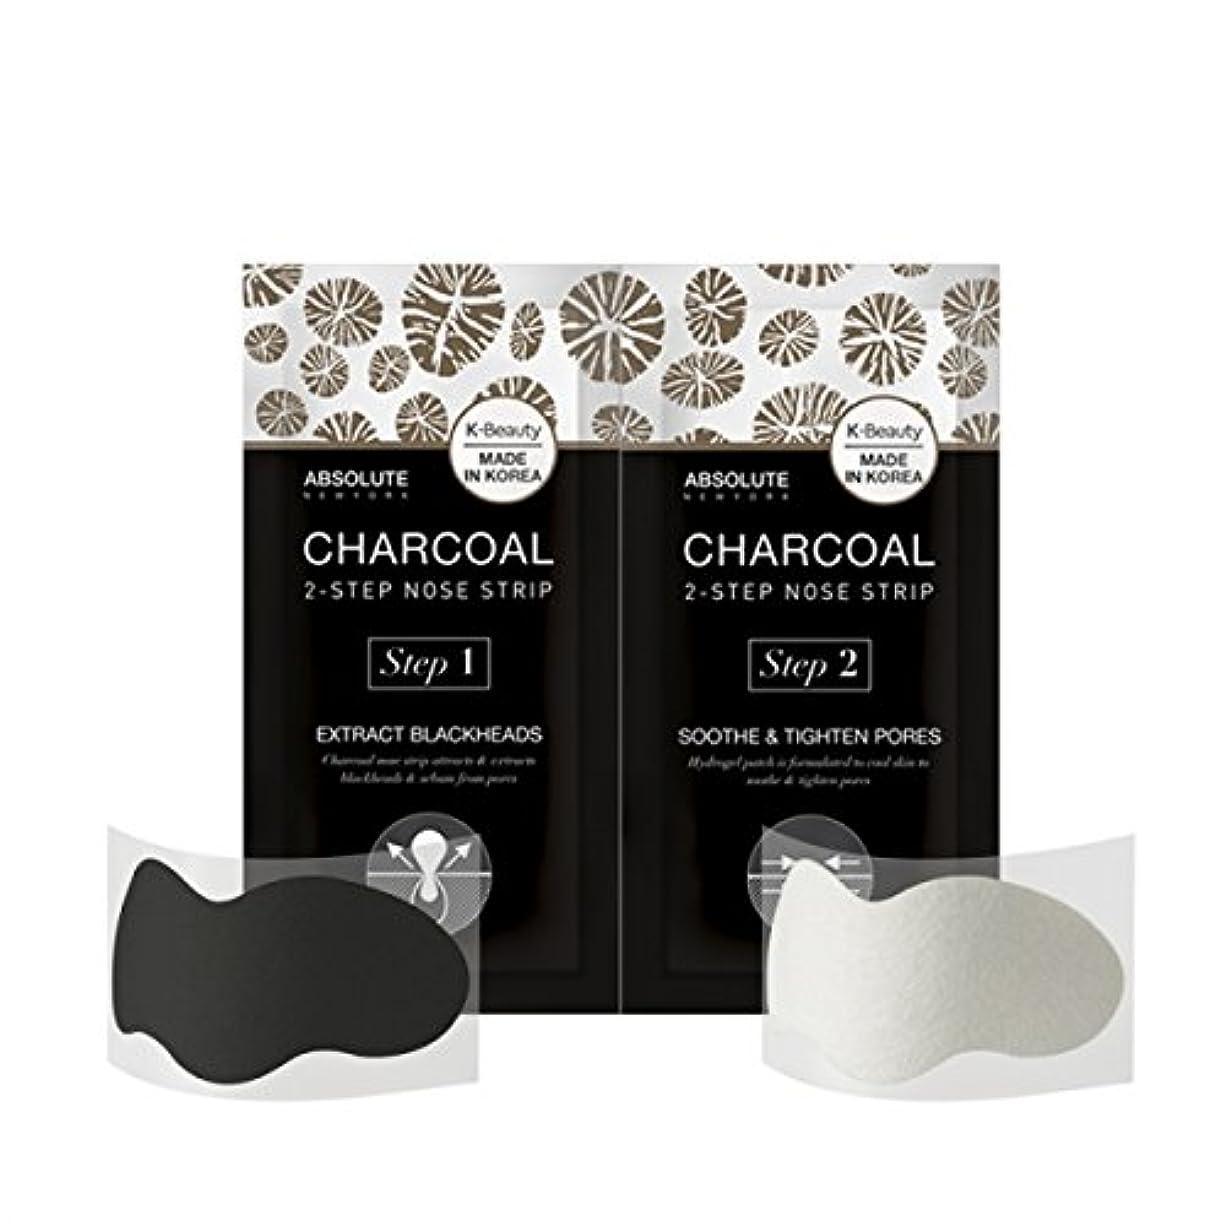 アート豊かにする機会(3 Pack) ABSOLUTE Charcoal 2-Step Nose Strip (並行輸入品)